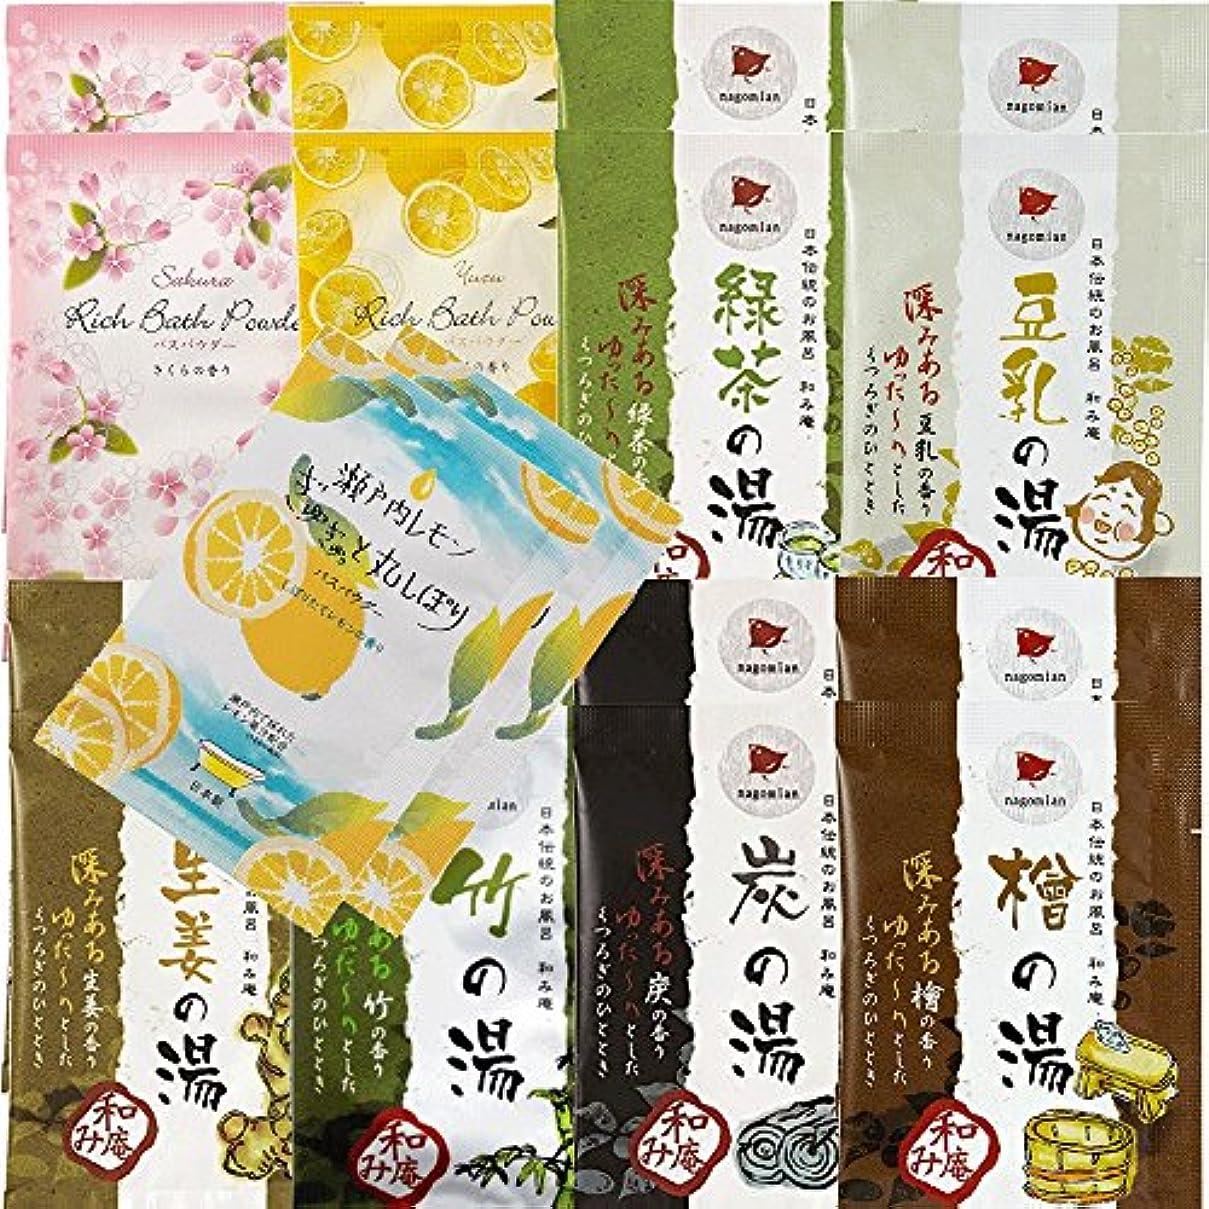 キャプチャー留め金形容詞日本伝統のお風呂 和み庵 6種類×2 + バスパウダー 3種類×2セット 和風入浴剤 18包セット